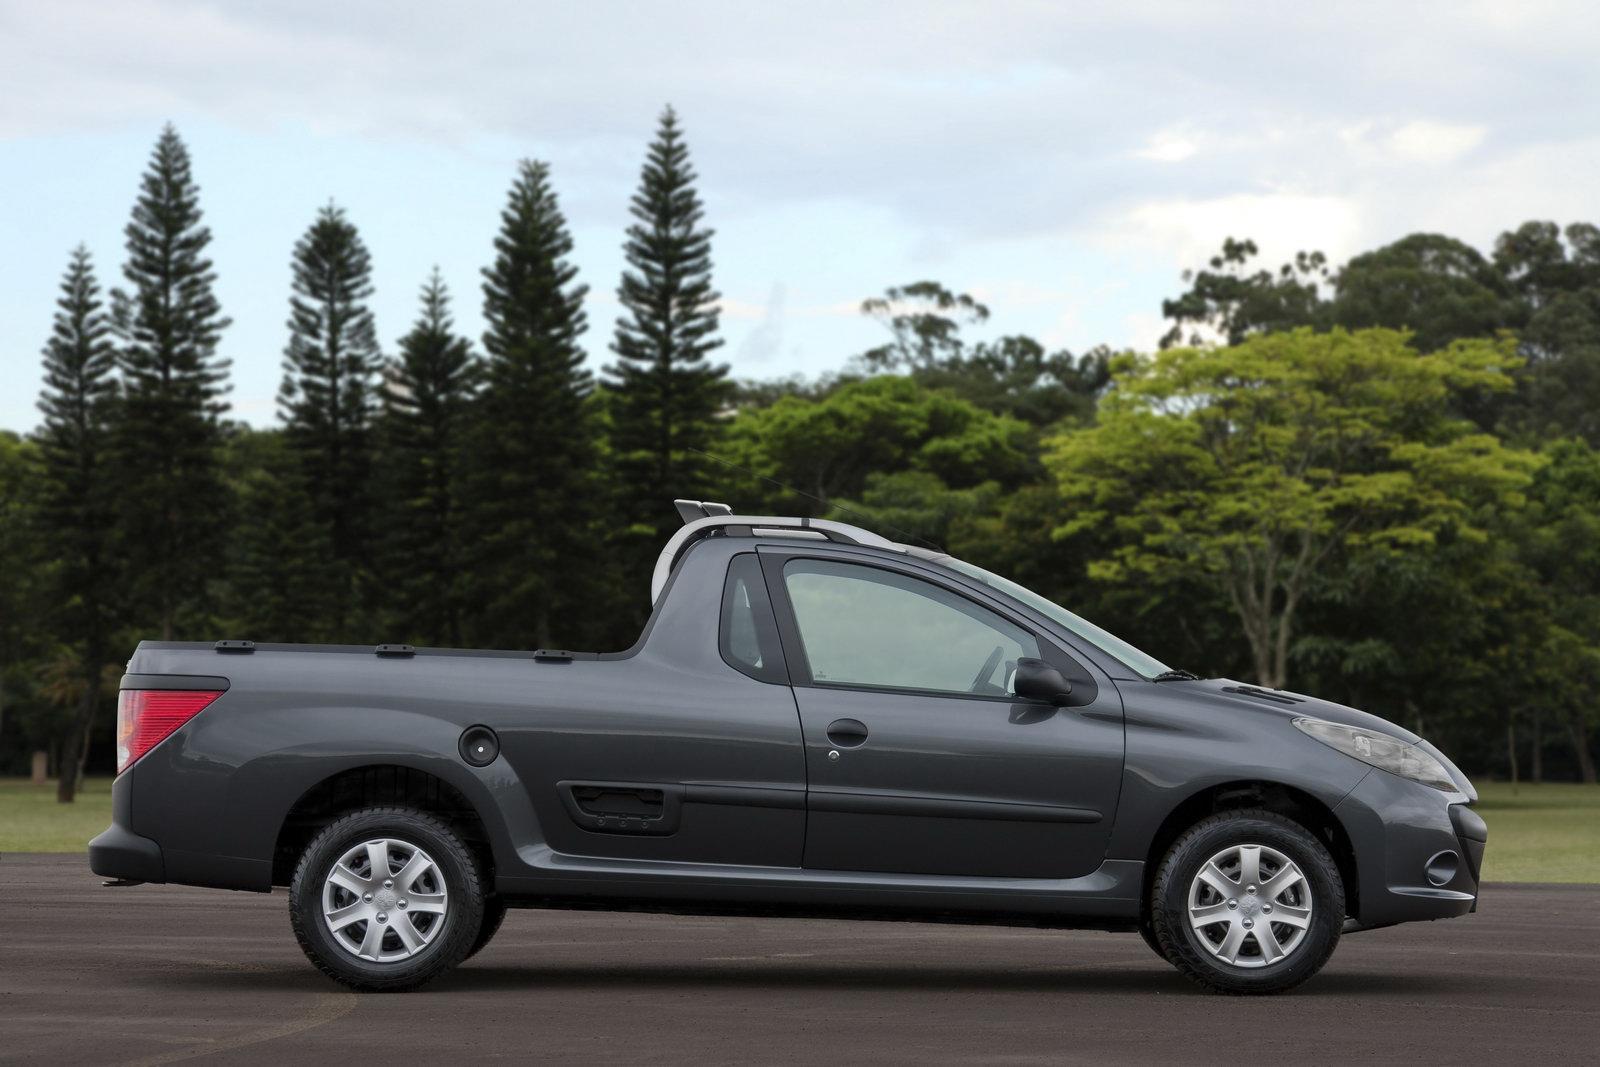 peugeot hoggar pickup truck version of 207 fully revealed carscoops. Black Bedroom Furniture Sets. Home Design Ideas